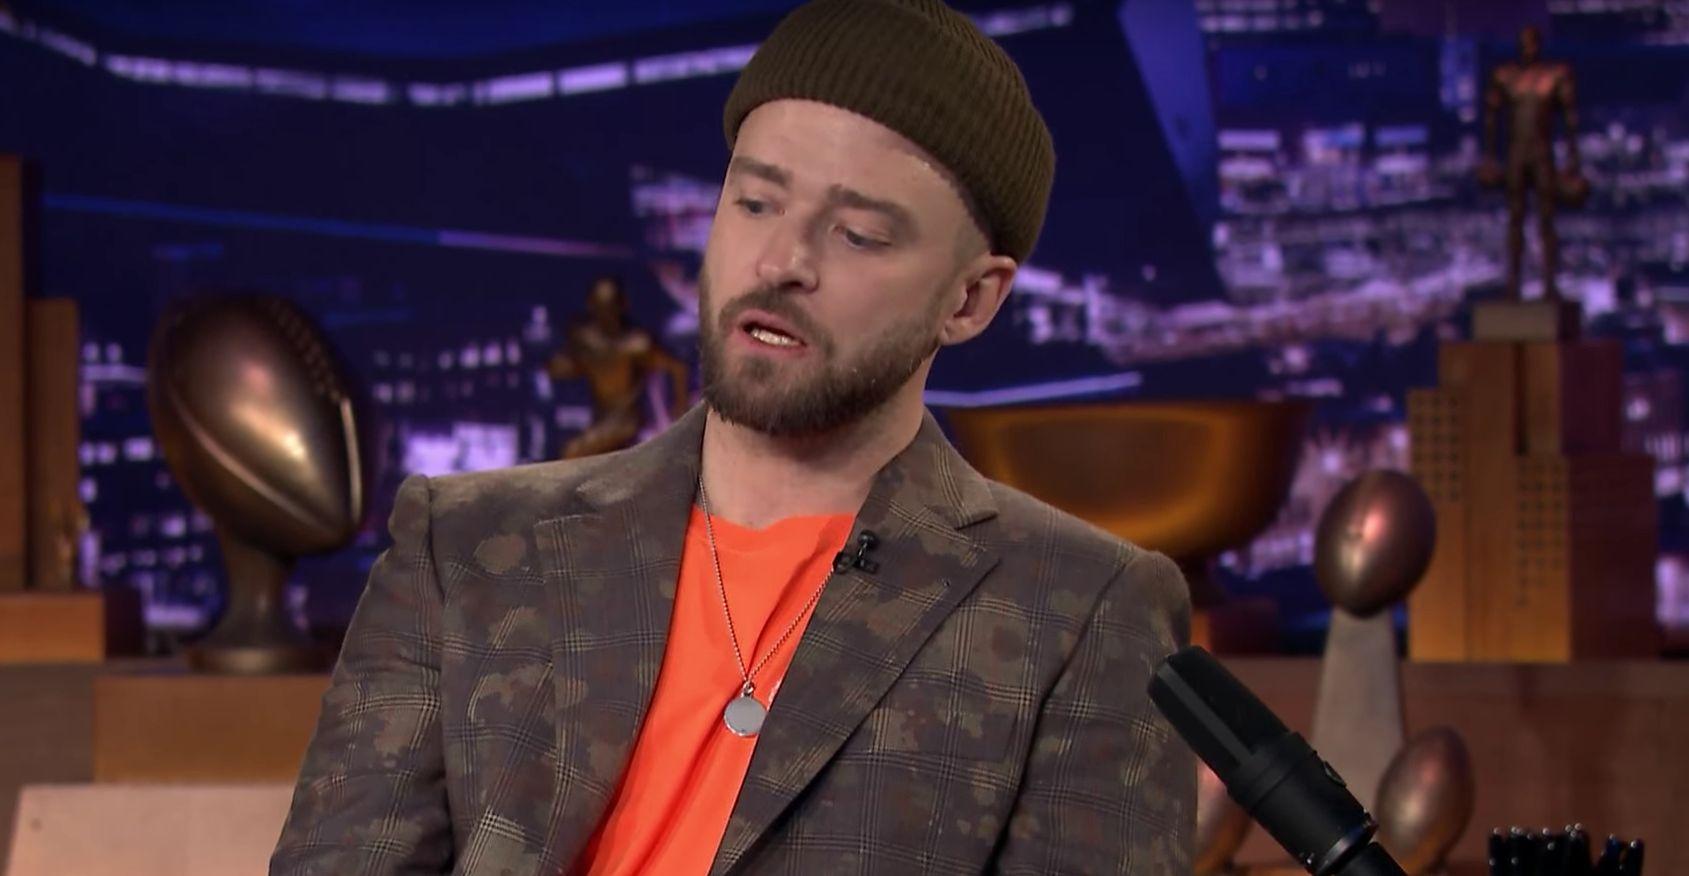 Justin on 'The Tonight